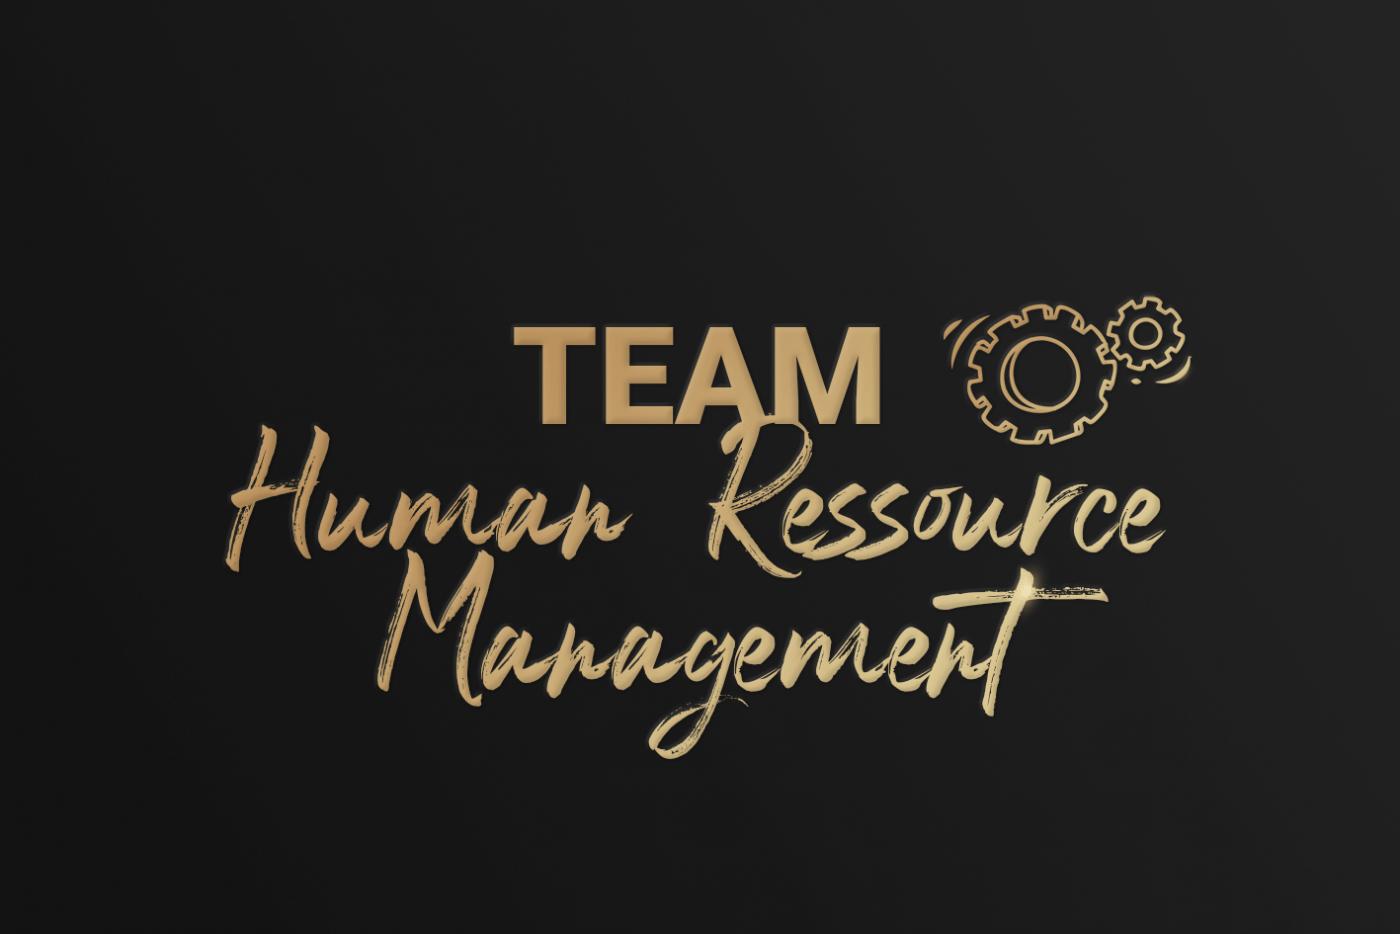 Kachel Abteilung Human Ressource Management 1400x934 - Karriere